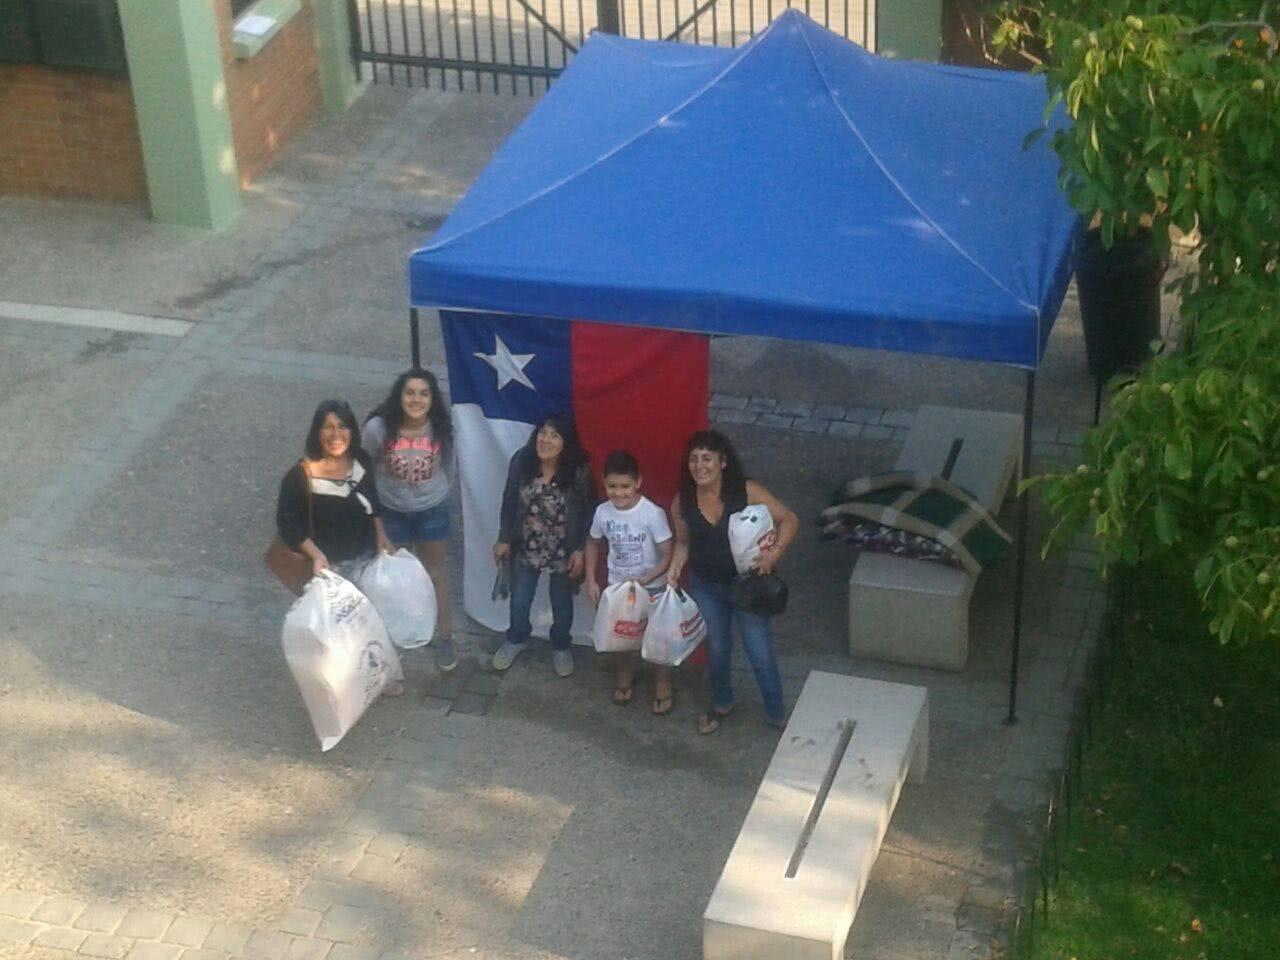 Voluntarias recolectando enseres para la localidad afectada.